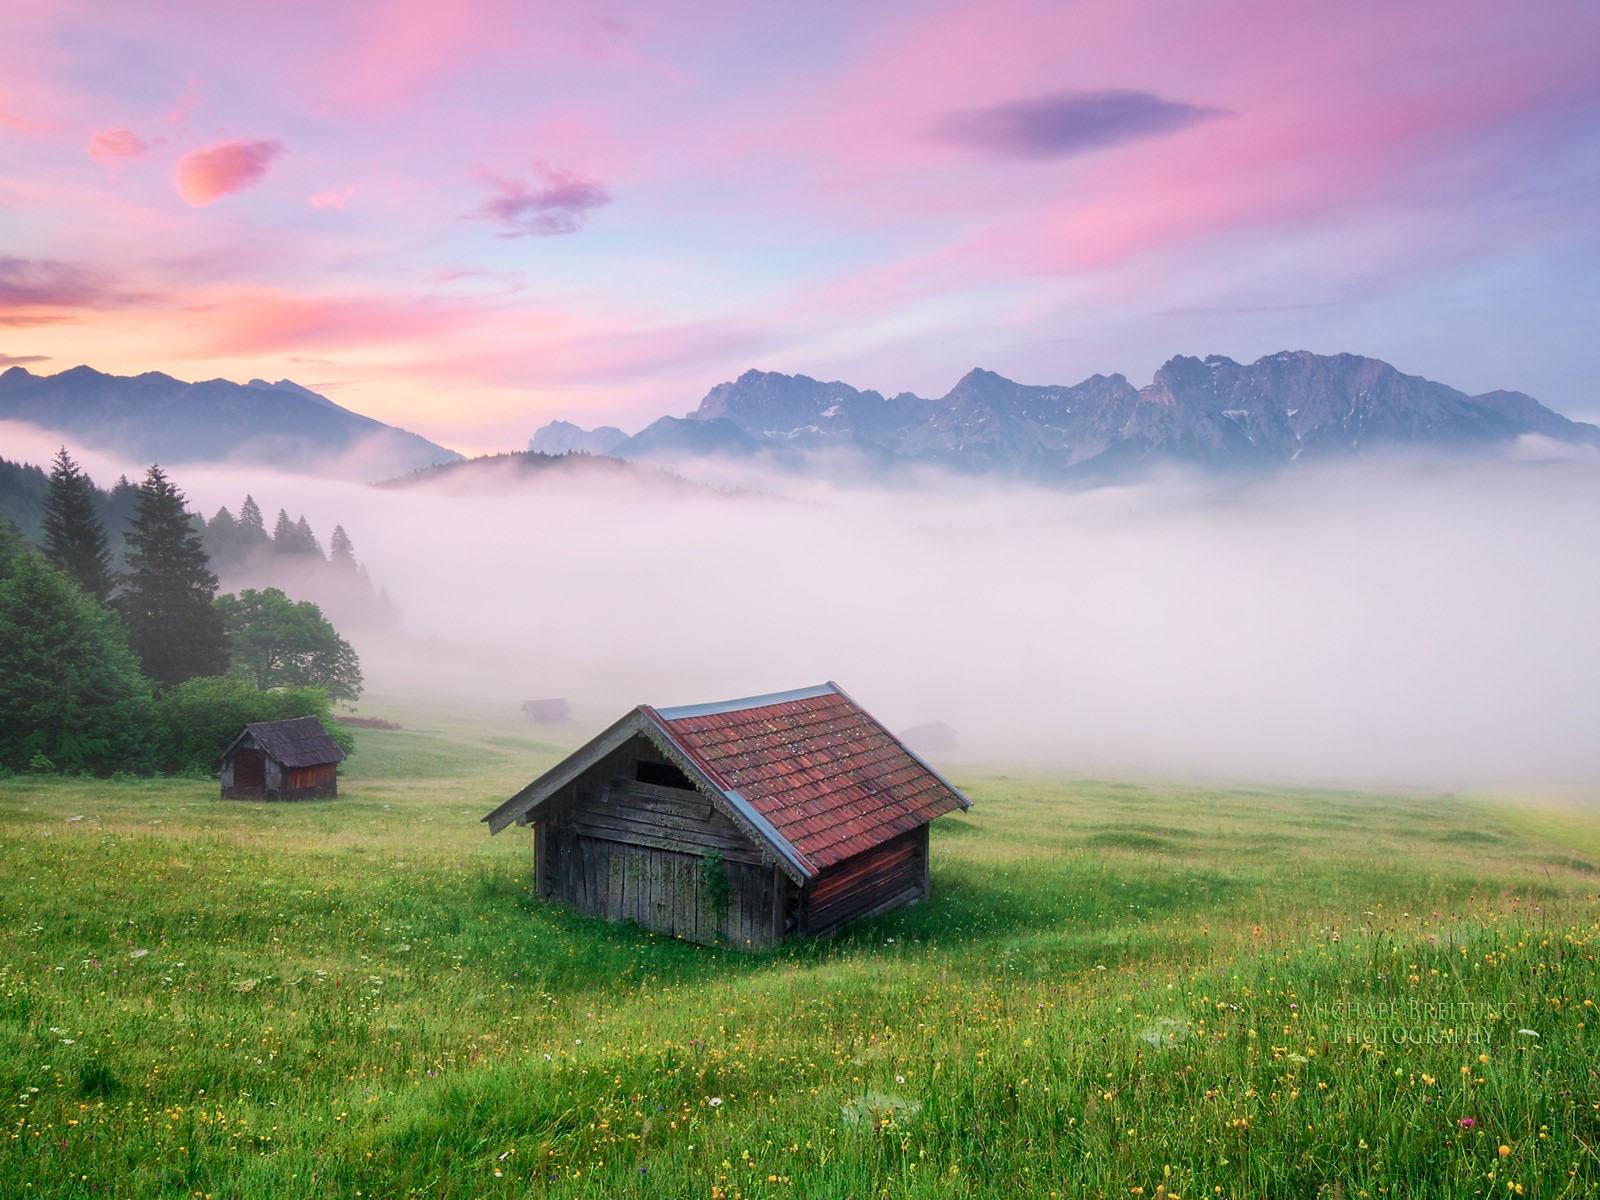 「風景」的圖片搜尋結果